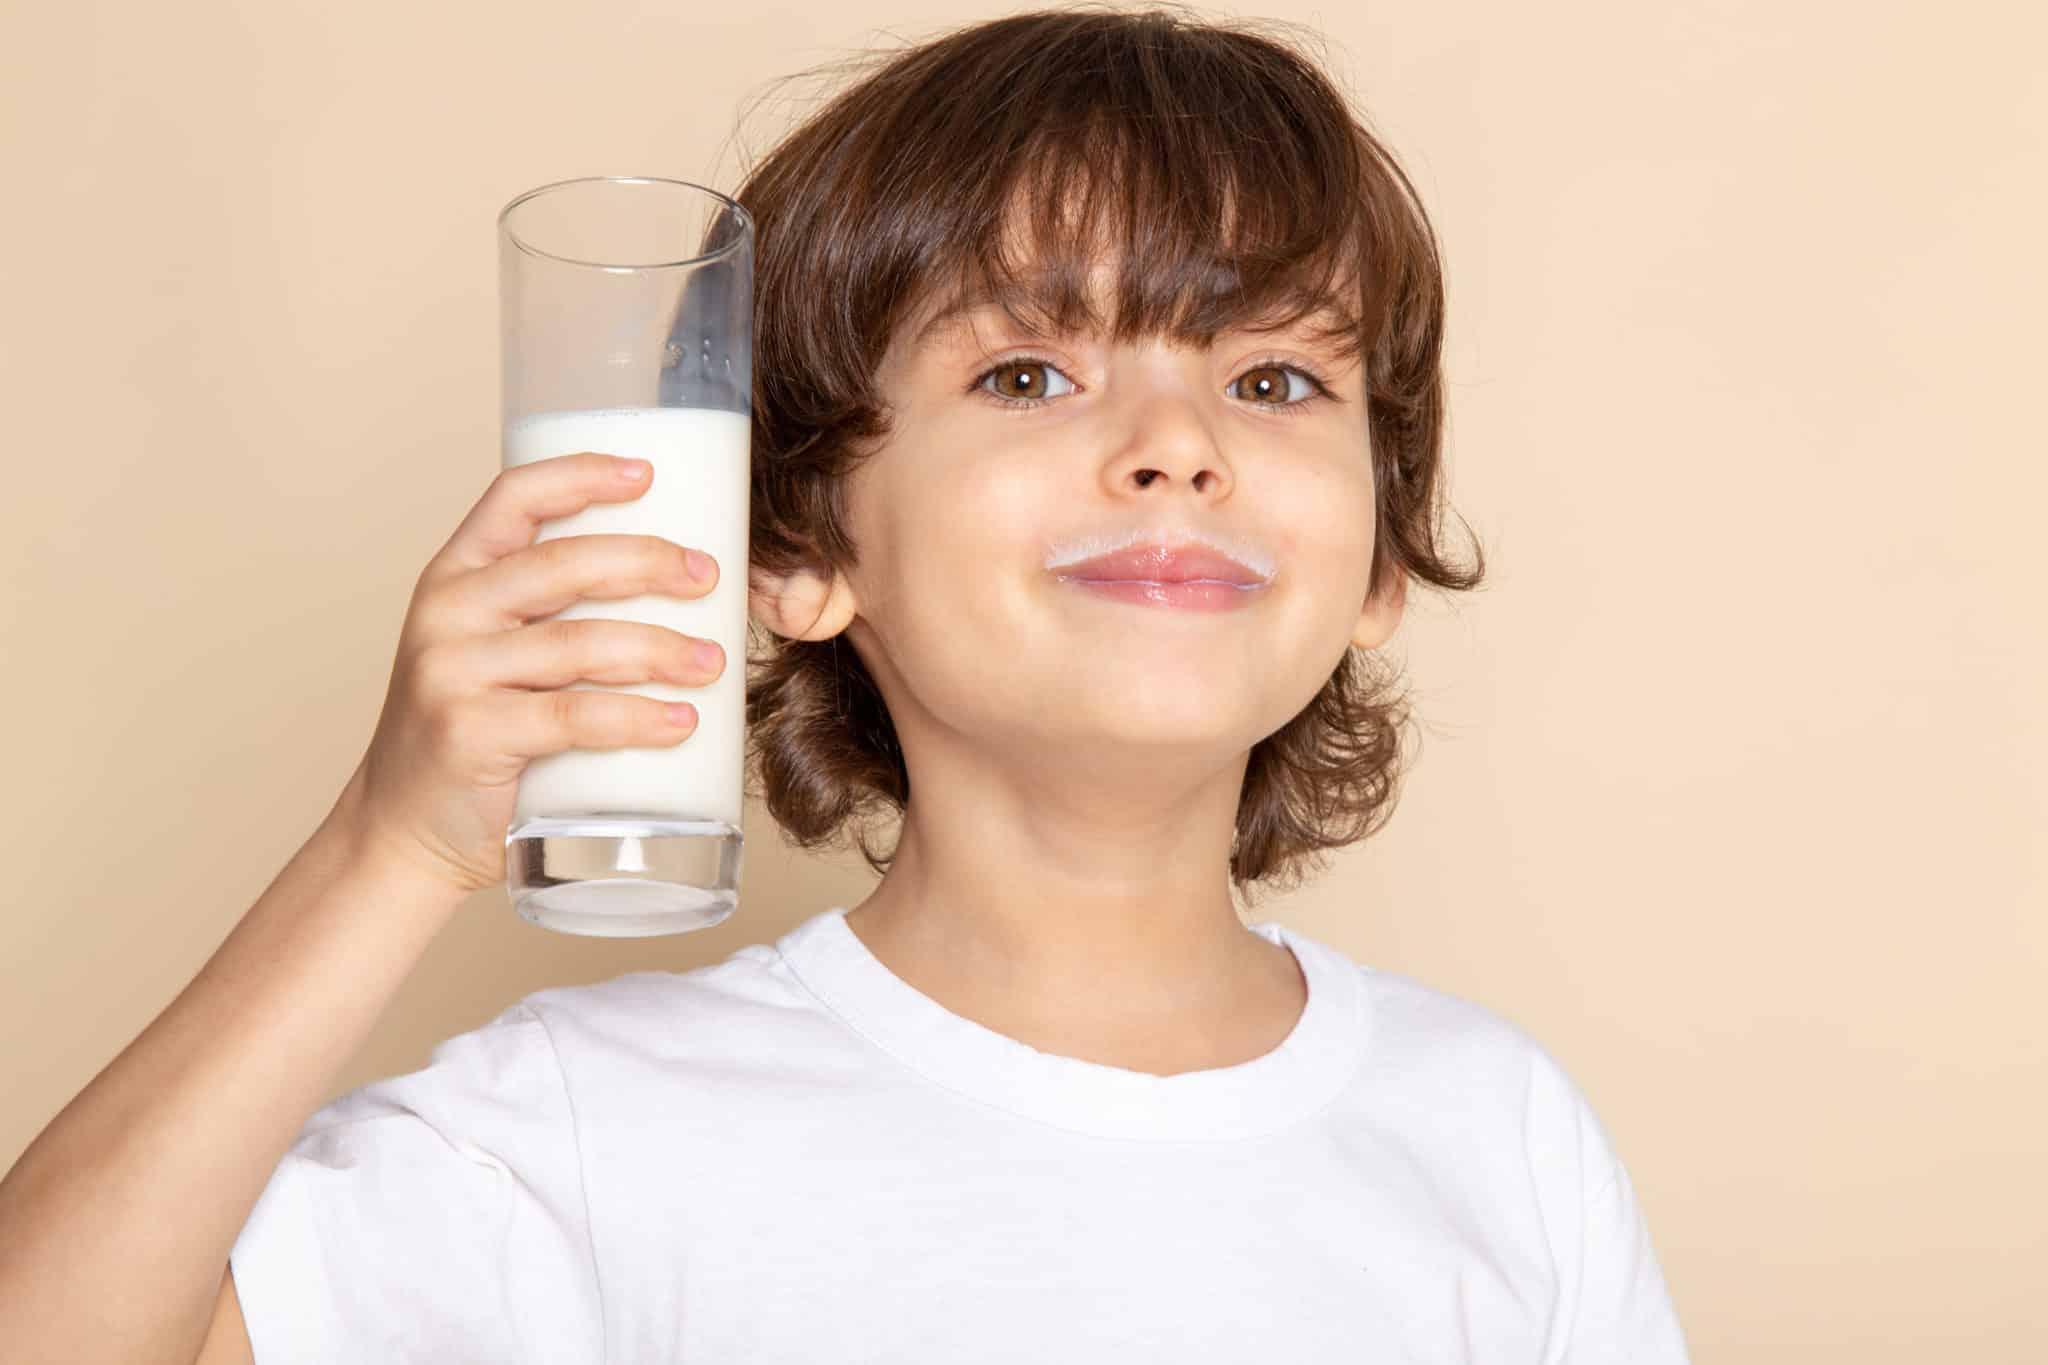 Petit garçon boit un verre de lait avant de dormir